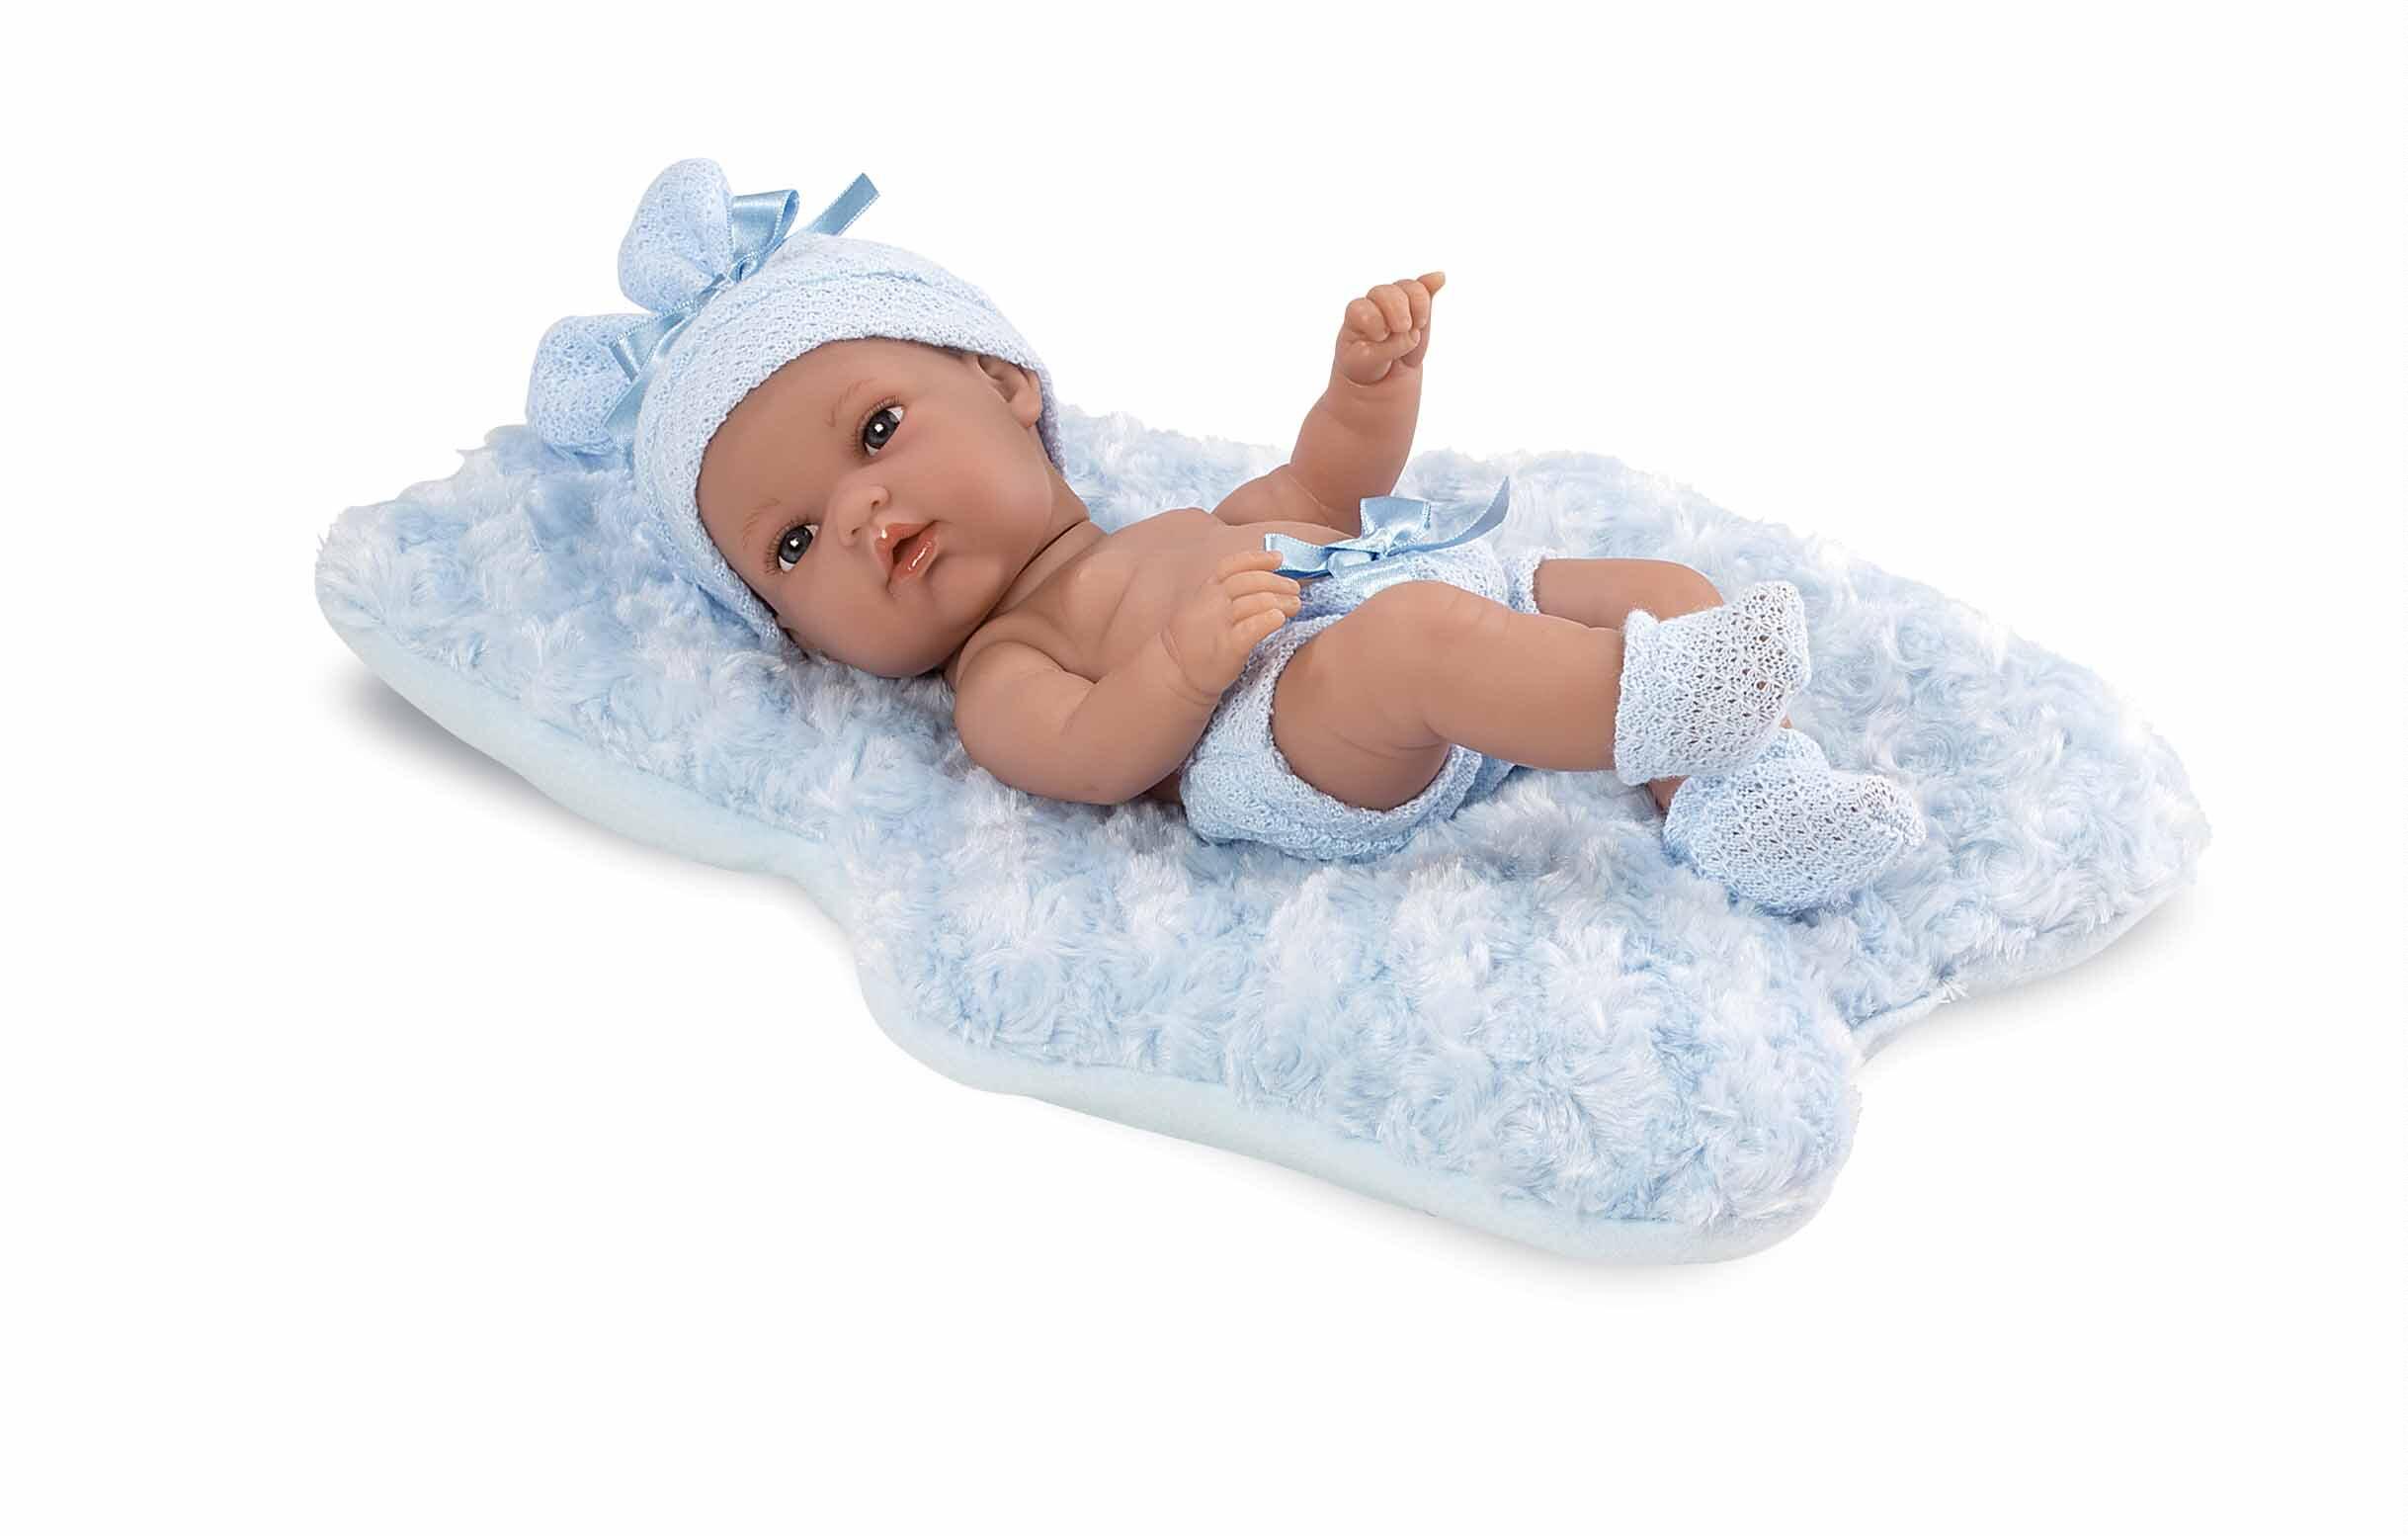 Кукла виниловая Elegance, 33 см с голубой подстилкой фото